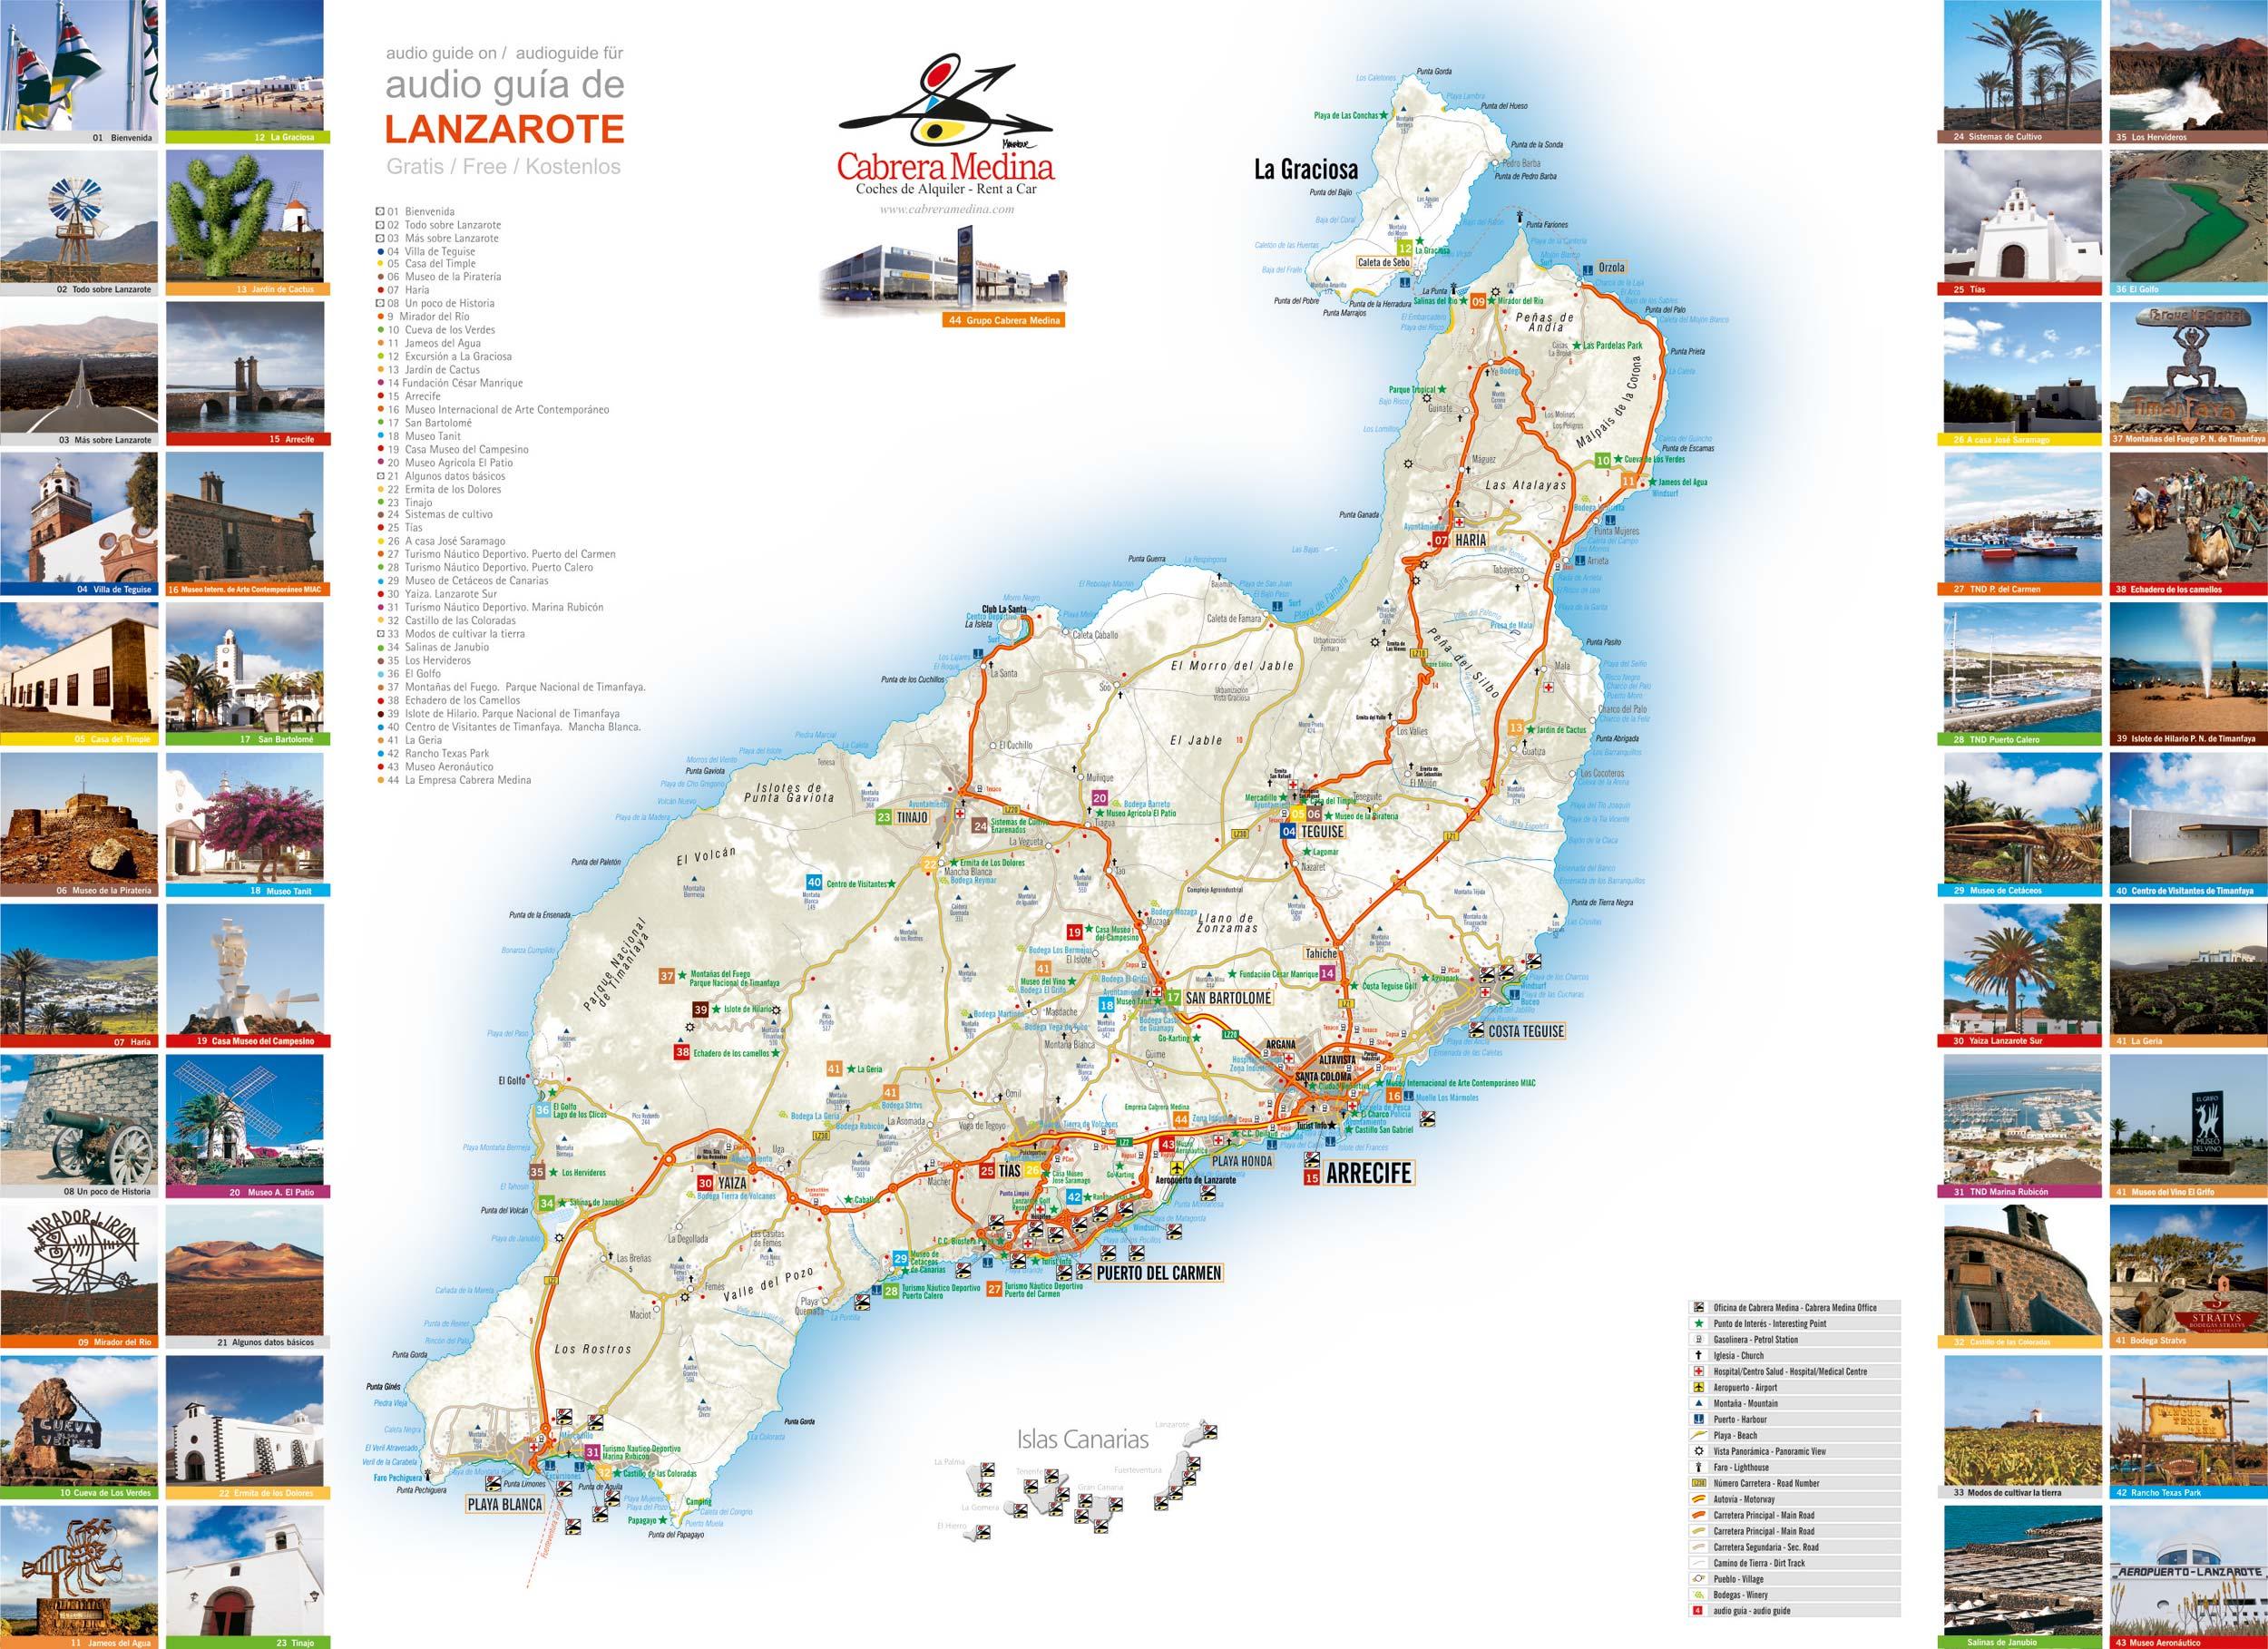 Carte Lanzarote.Location De Voitures Lanzarote Autos Cabrera Medina